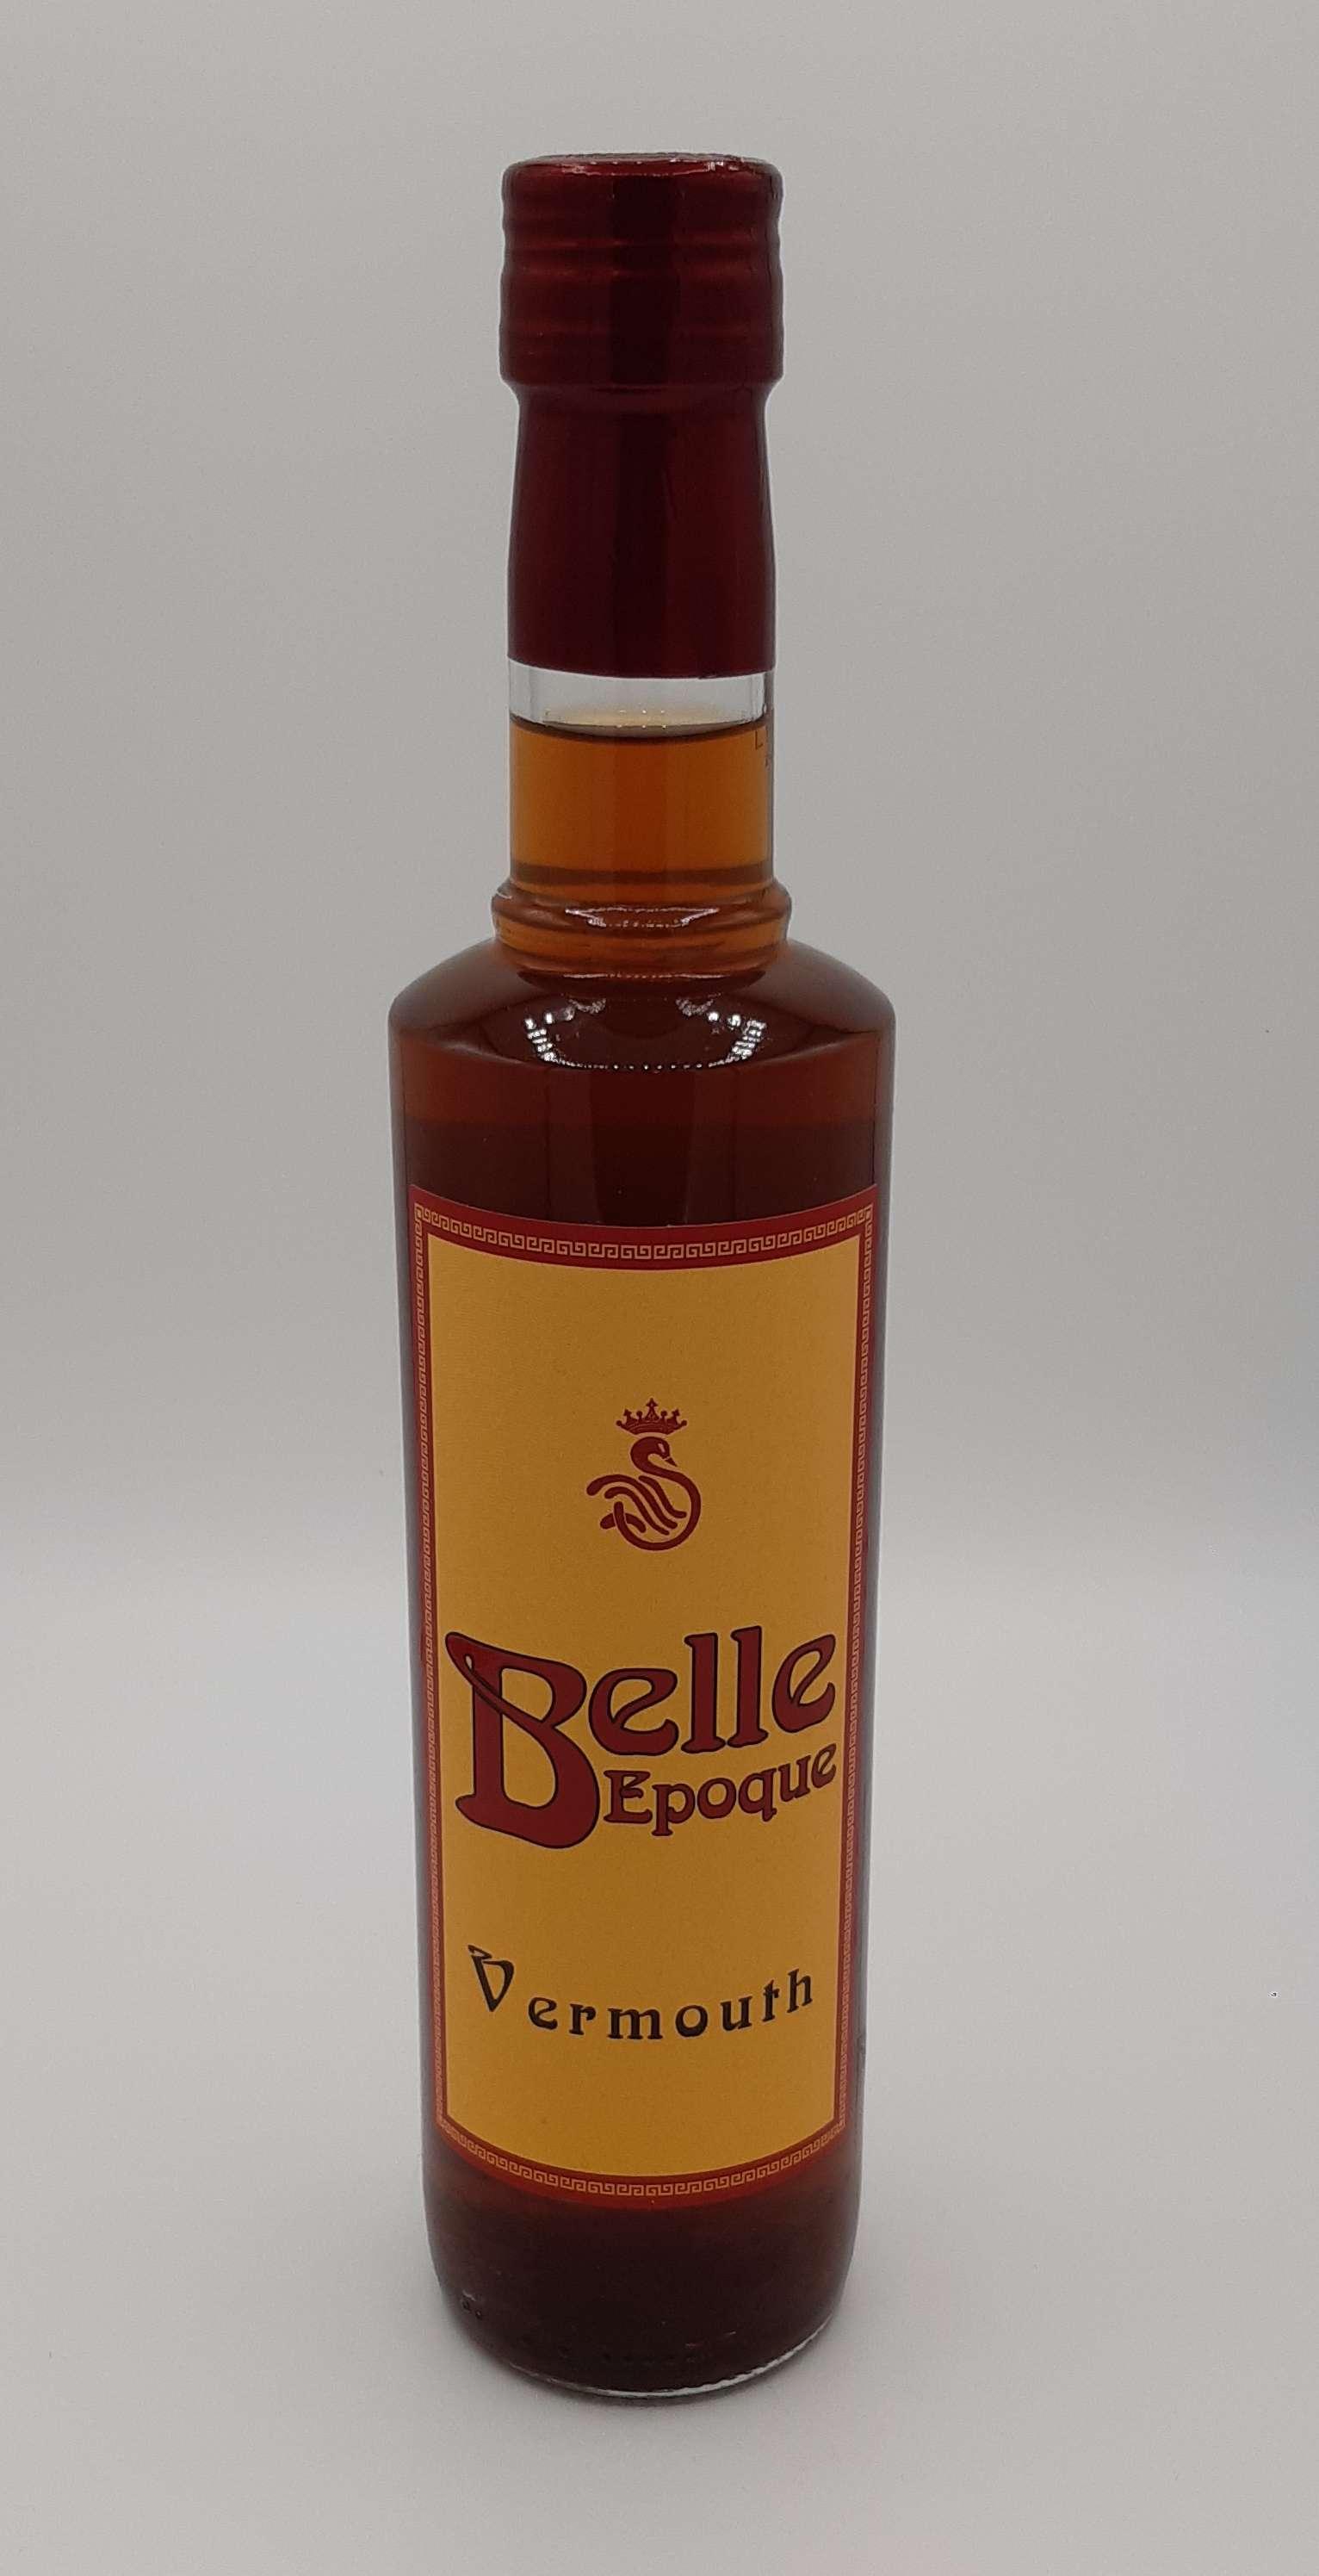 Belle Epoque Vermouth